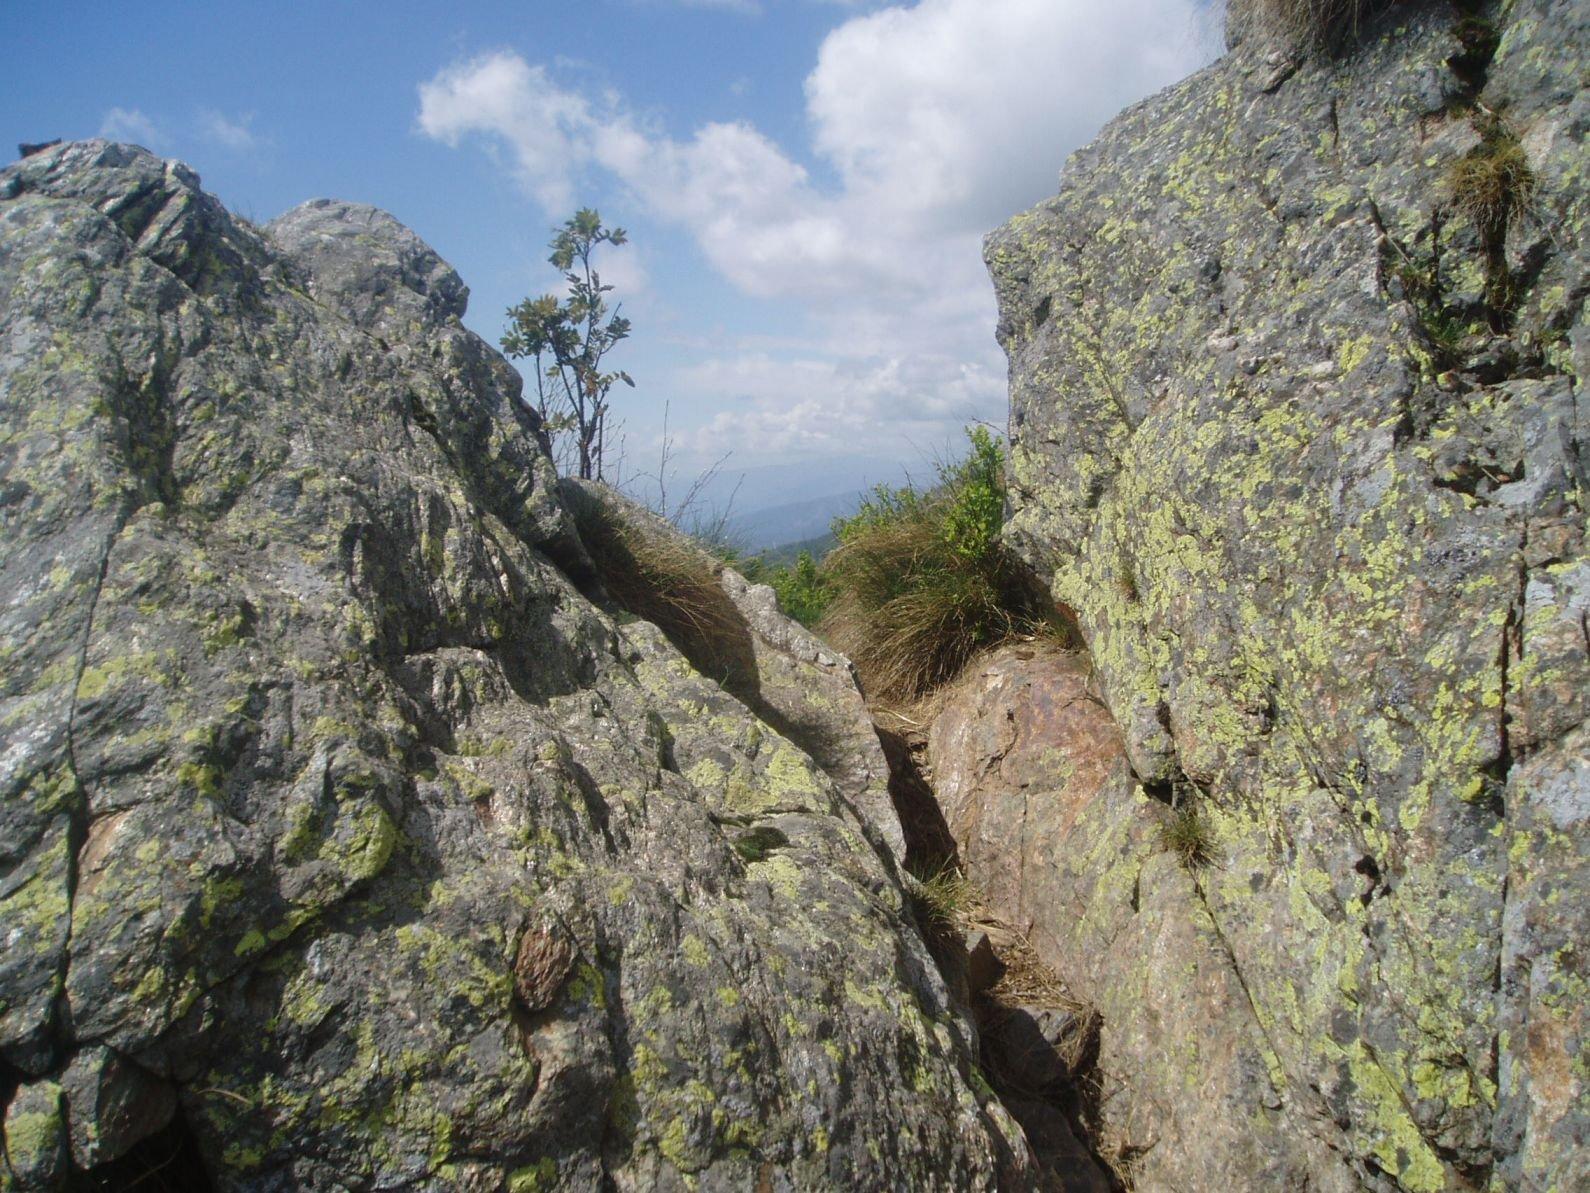 Breve passo su roccia.